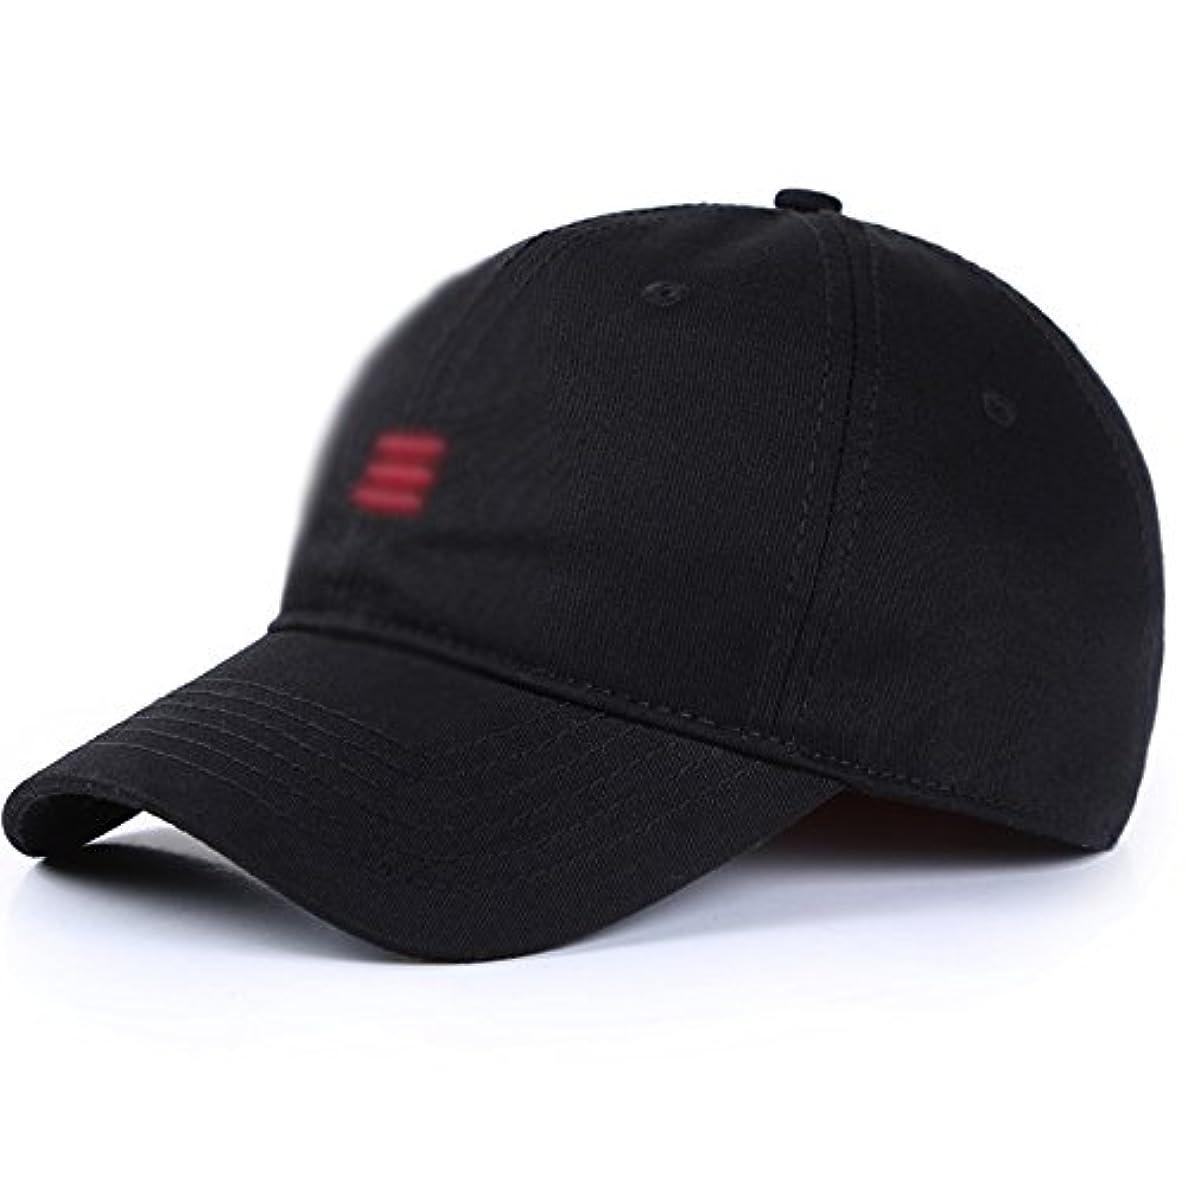 印刷する可聴分布李愛 帽子 帽子春メンズアウトドアベースボールキャップディープサマーサンシャインキャップバイザー (色 : A, サイズ さいず : 59-65cm)